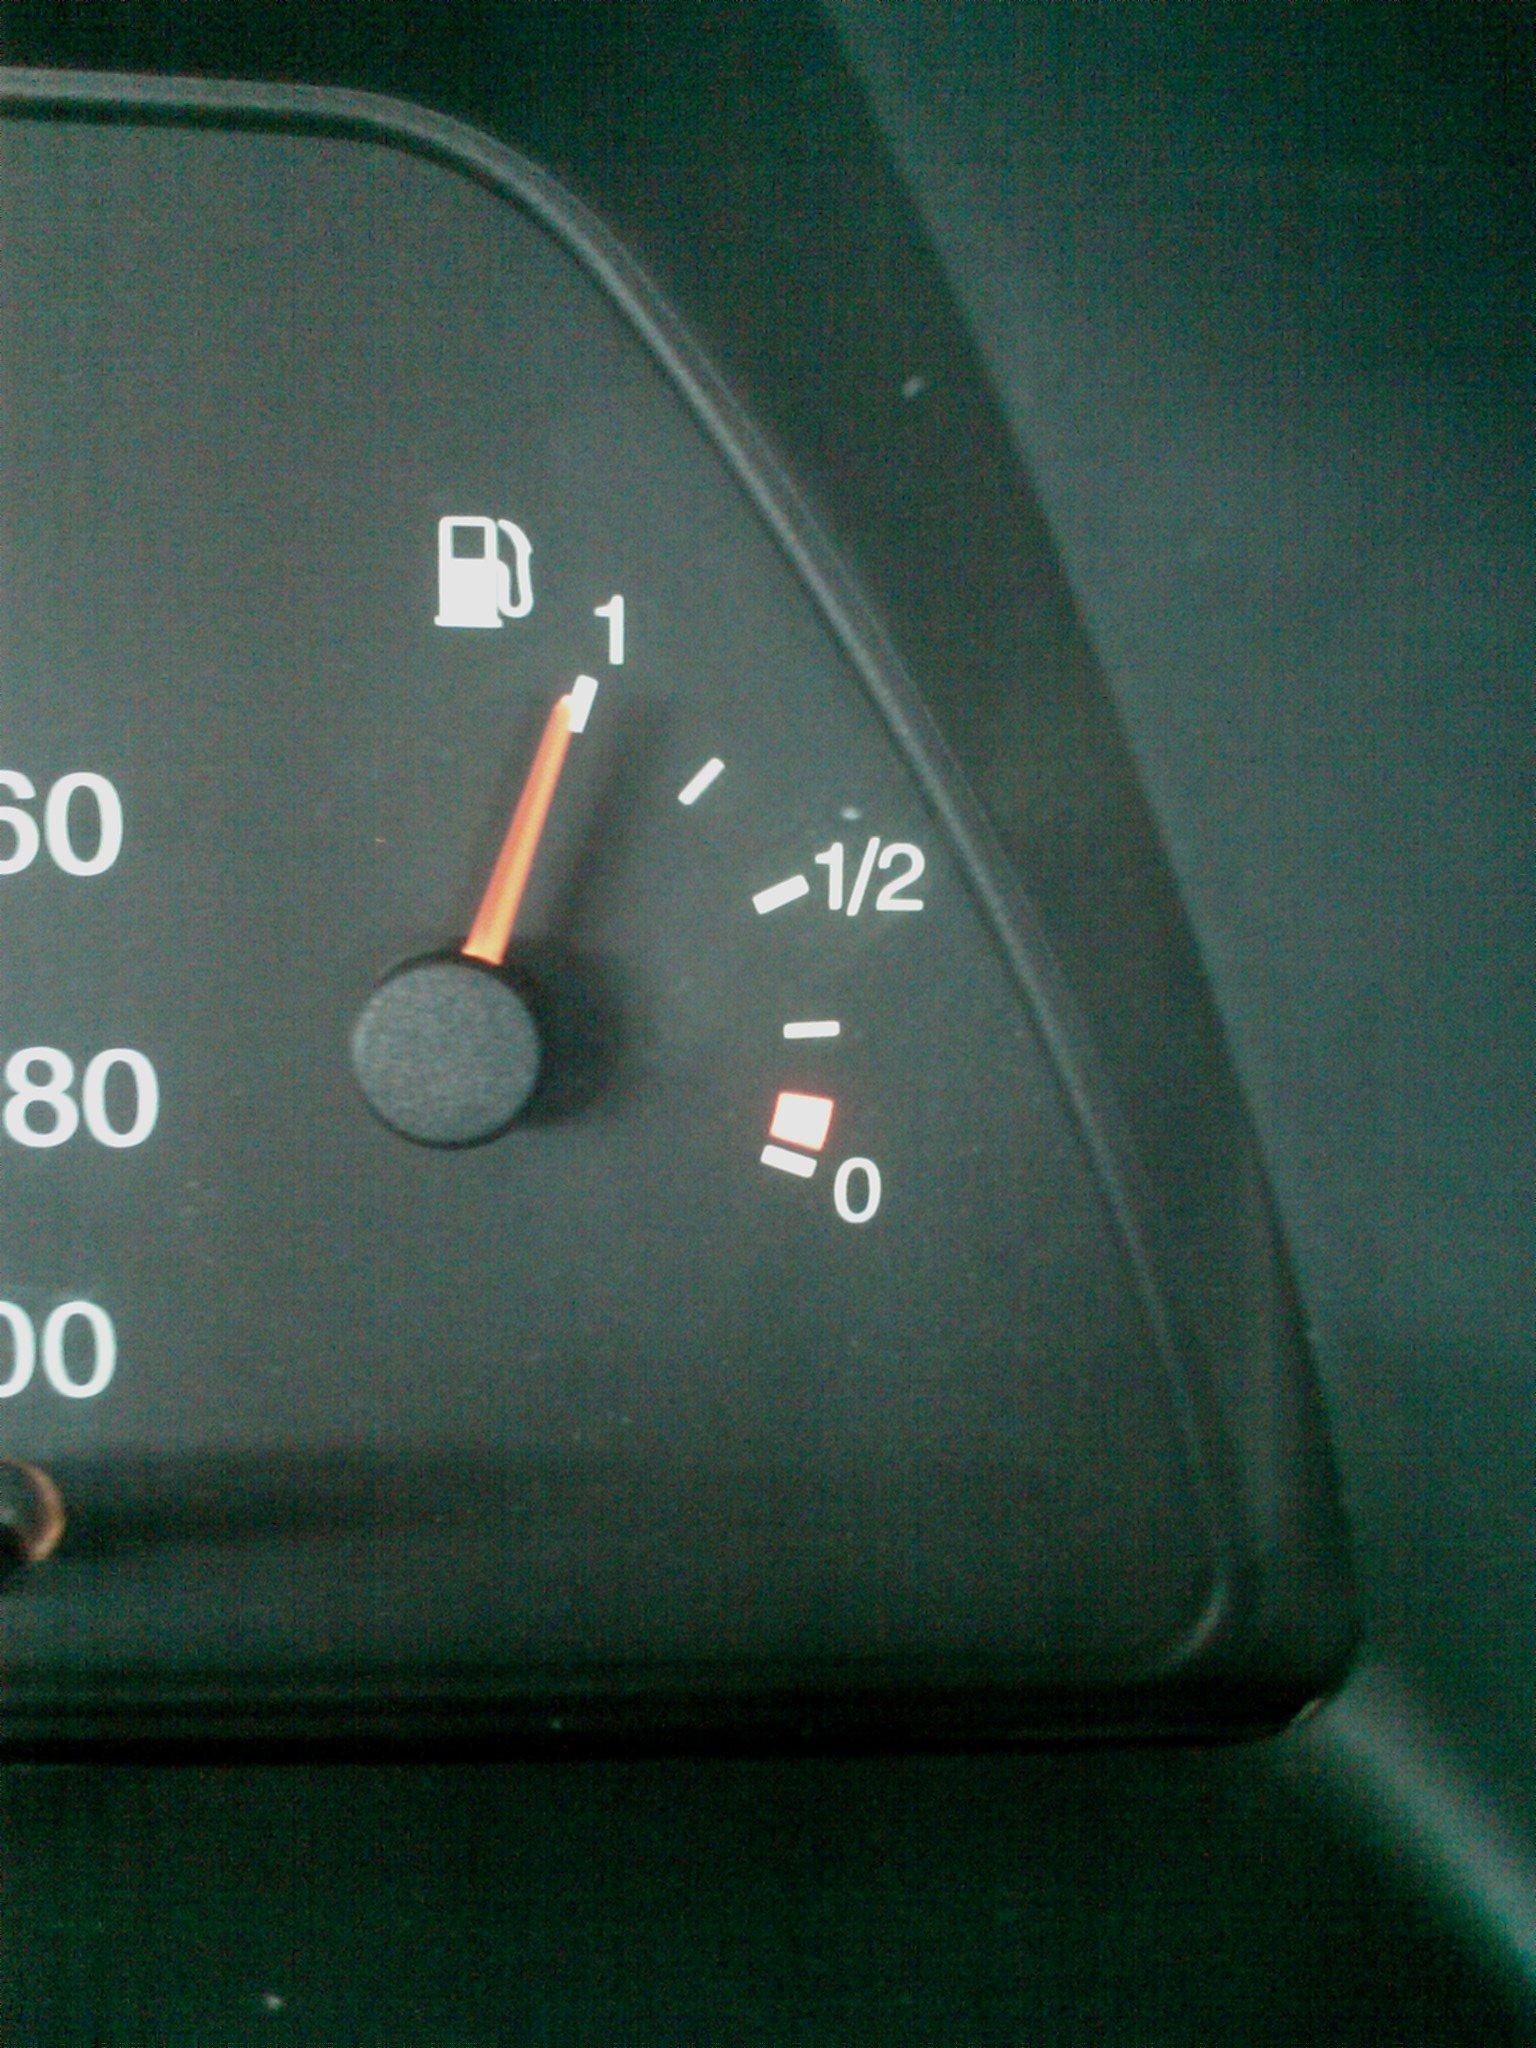 Фото №13 - ВАЗ 2110 неправильно показывает уровень топлива